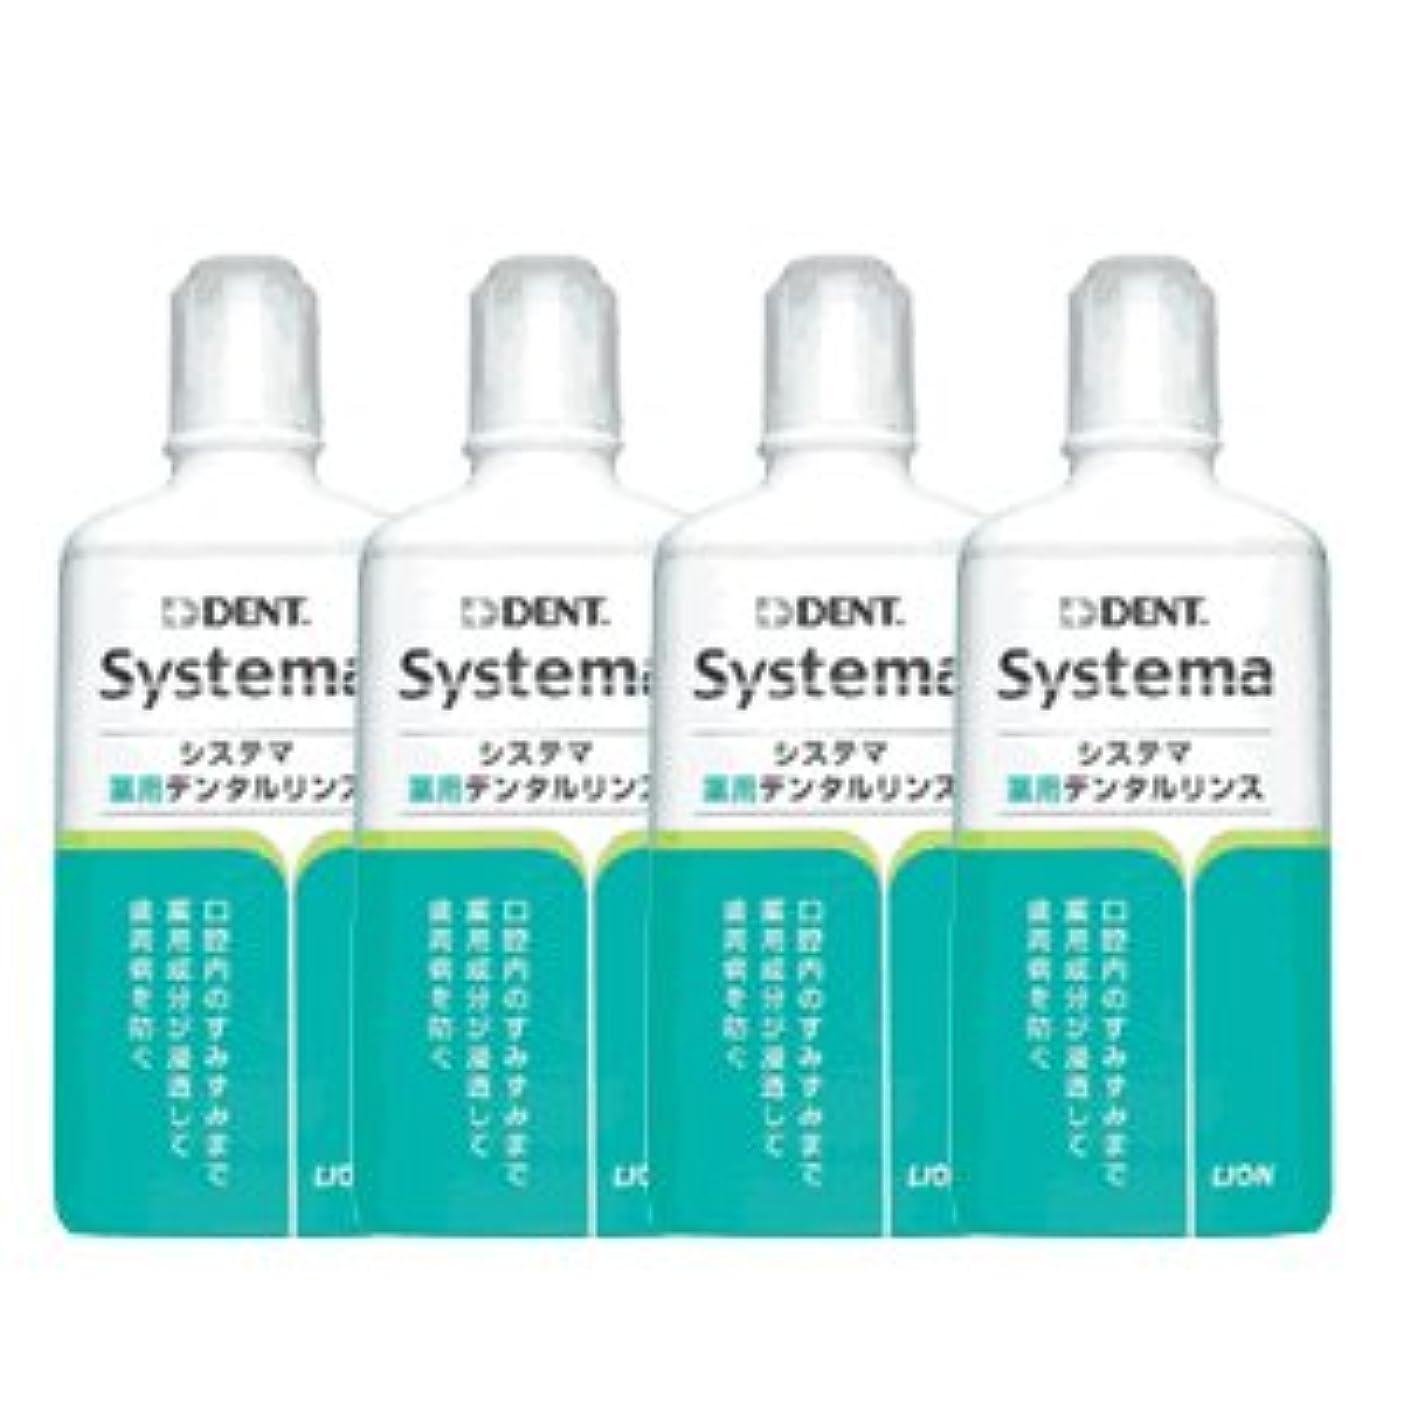 ランプで出来ているおライオン システマ 薬用 デンタルリンス 450ml レギュラータイプ 4本セット 医薬部外品